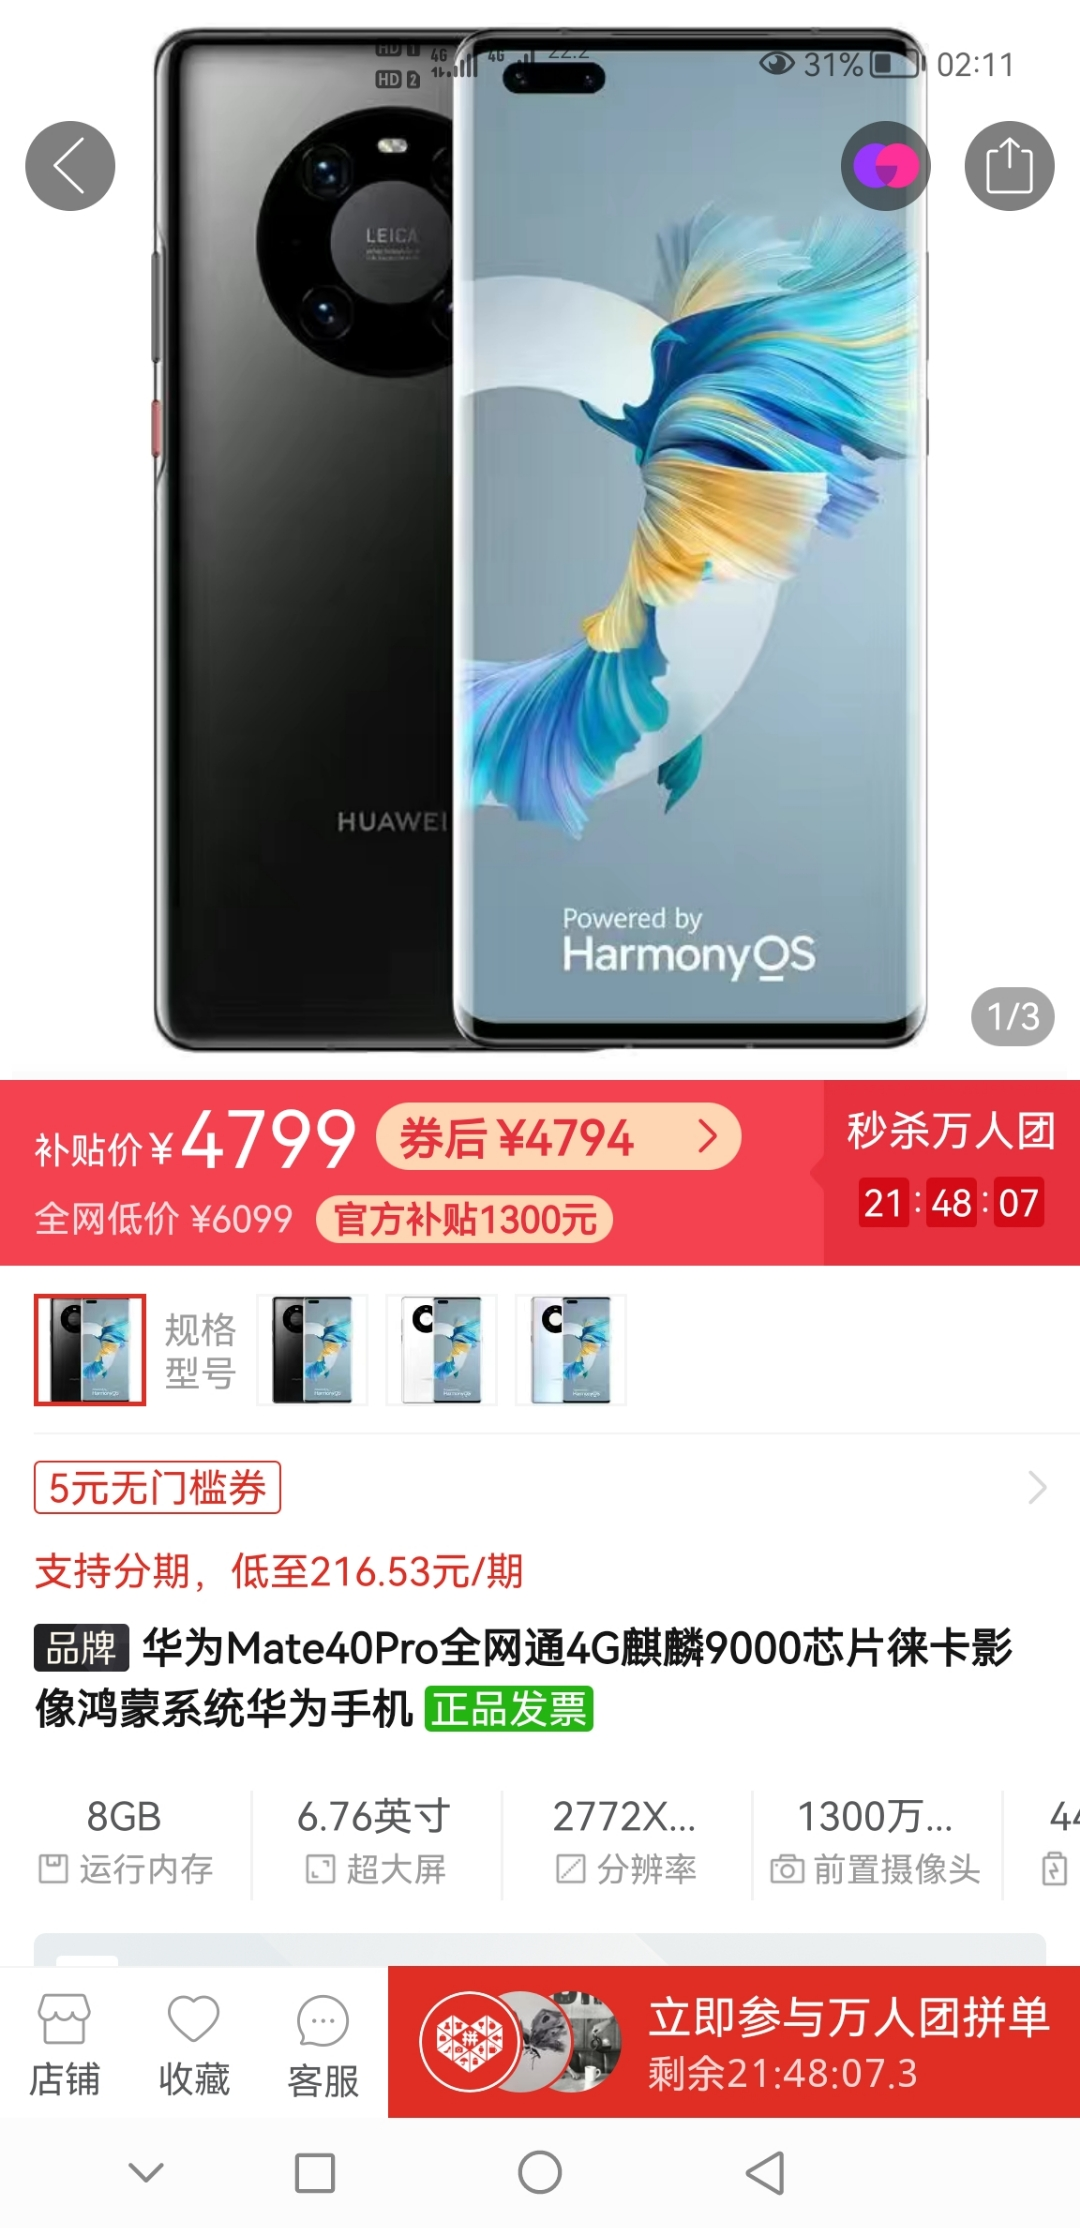 Screenshot_20211015_021154_com.xunmeng.pinduoduo.jpg